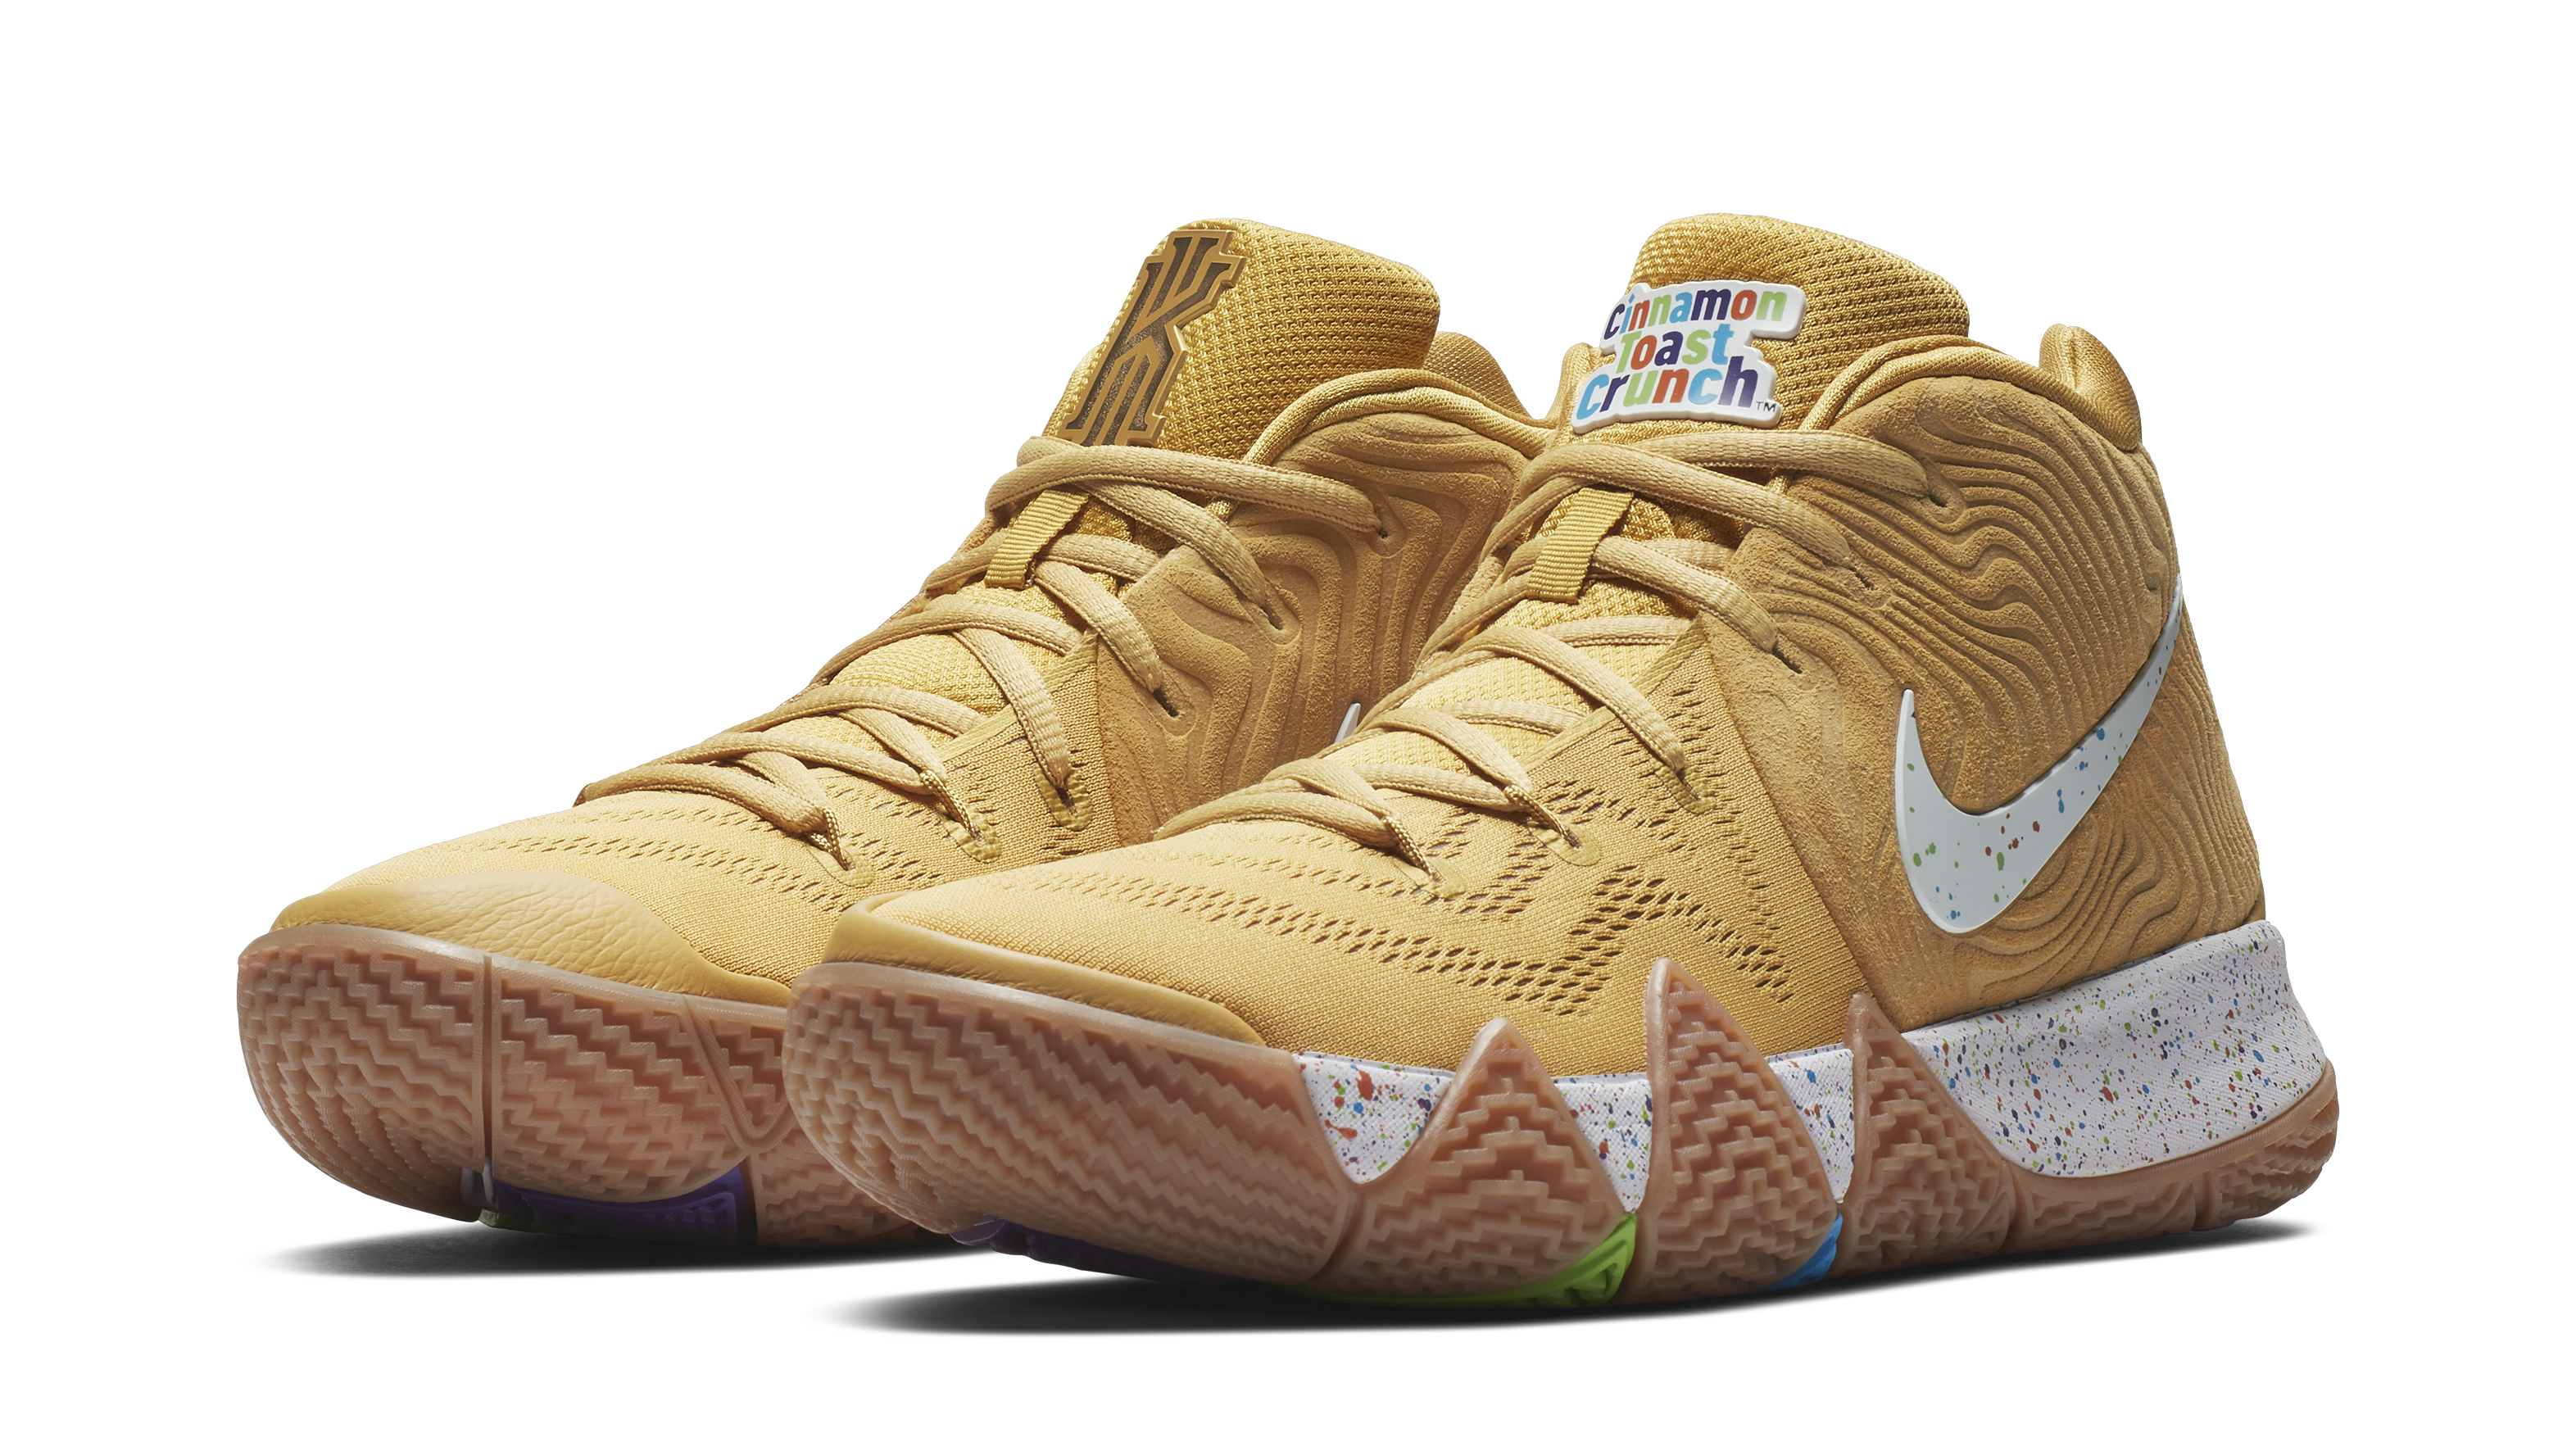 Nike Kyrie 4 'Cinnamon Toast Crunch'